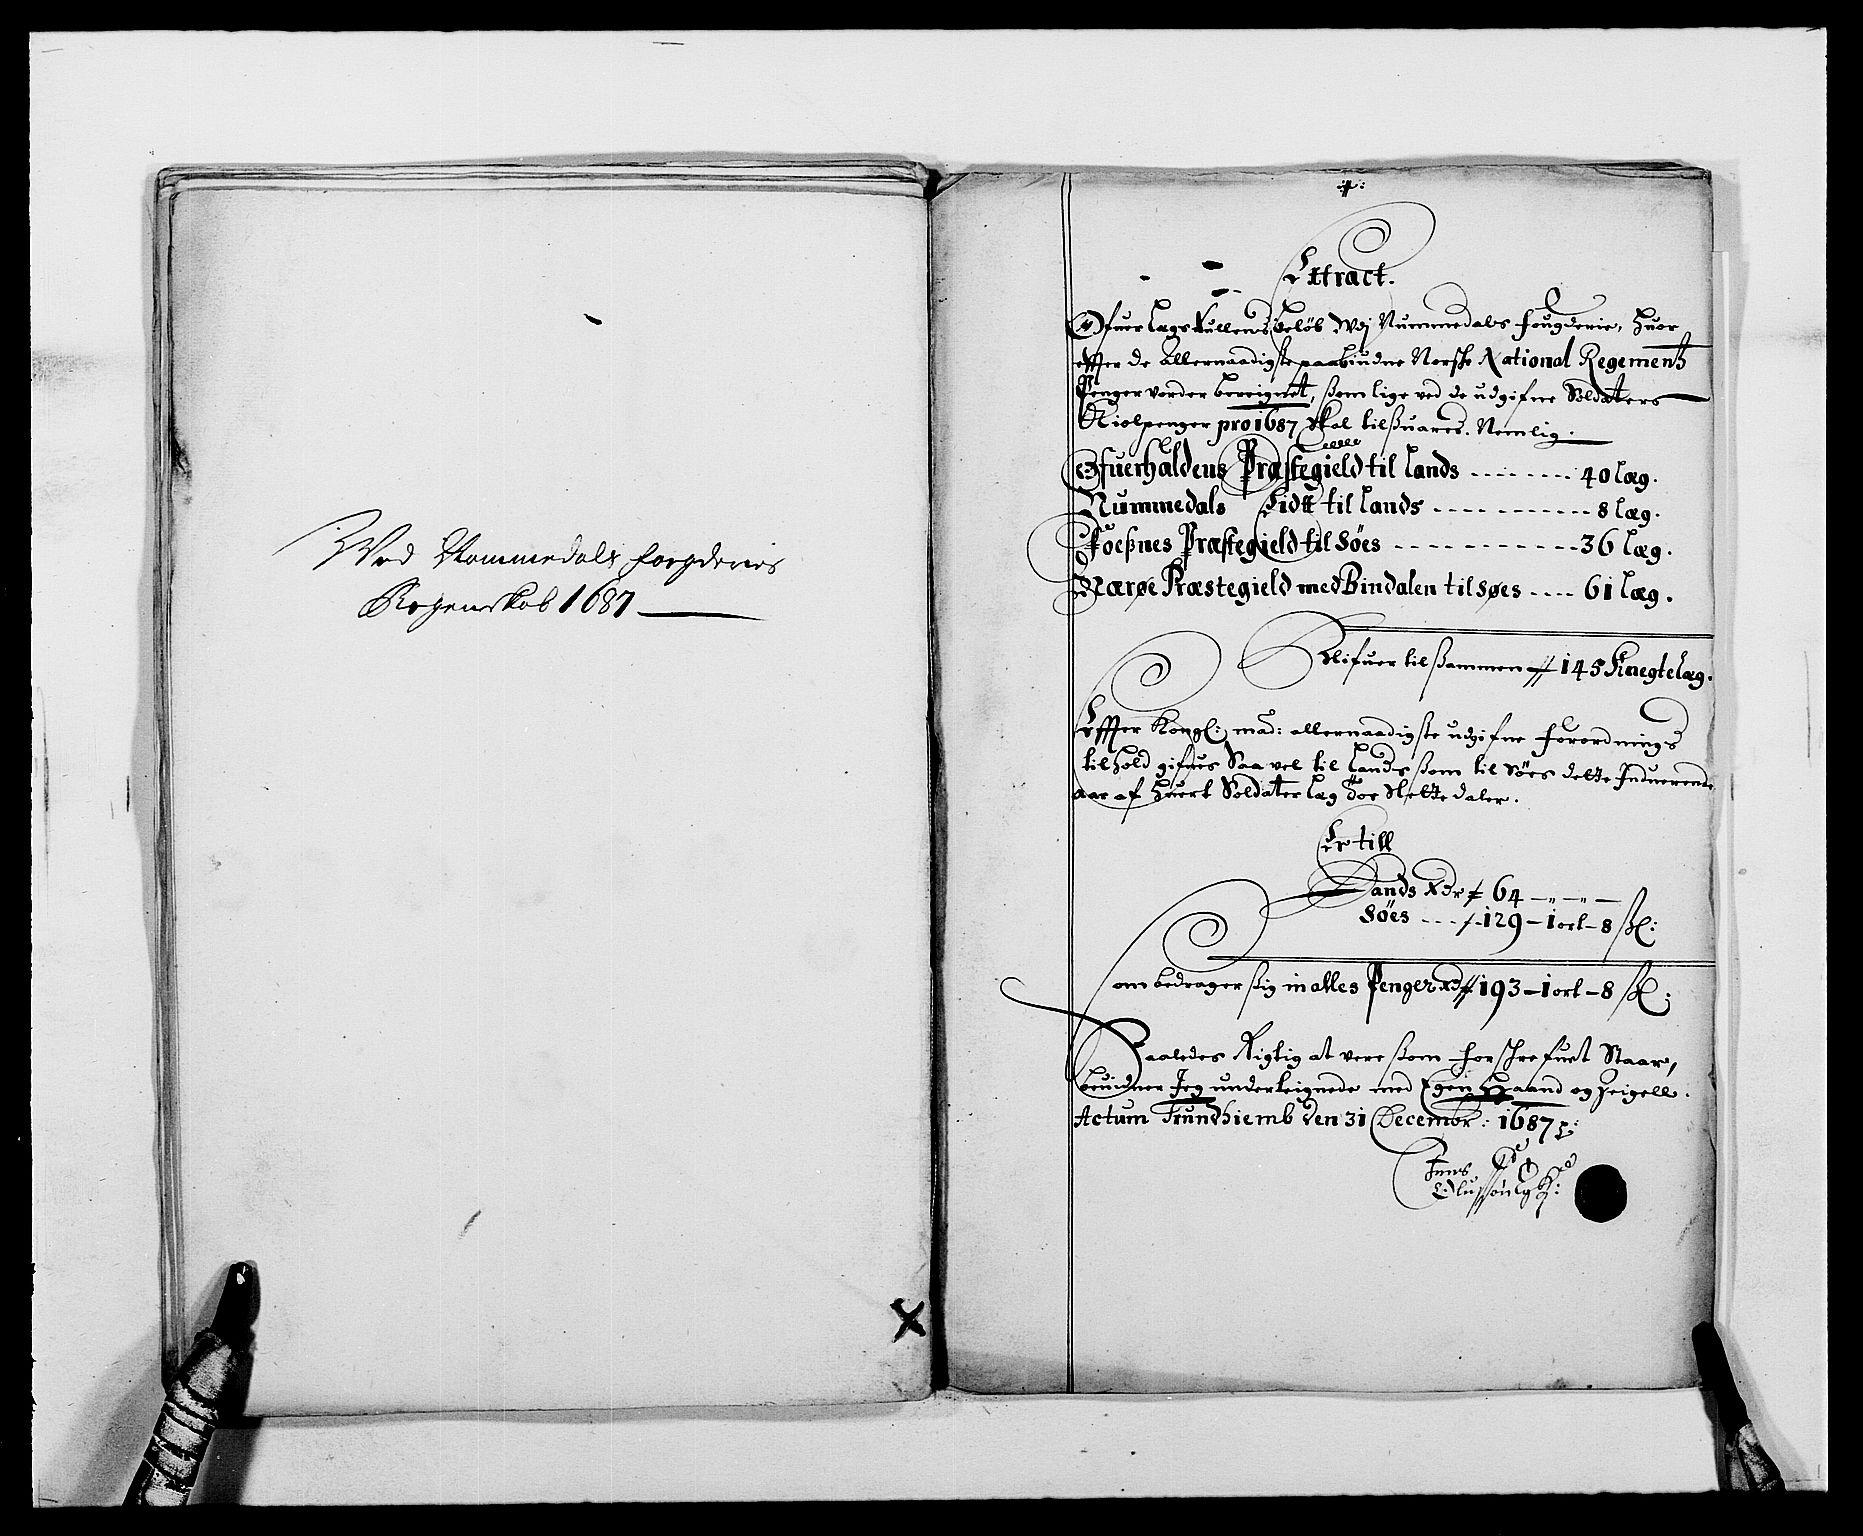 RA, Rentekammeret inntil 1814, Reviderte regnskaper, Fogderegnskap, R64/L4422: Fogderegnskap Namdal, 1687-1689, s. 28